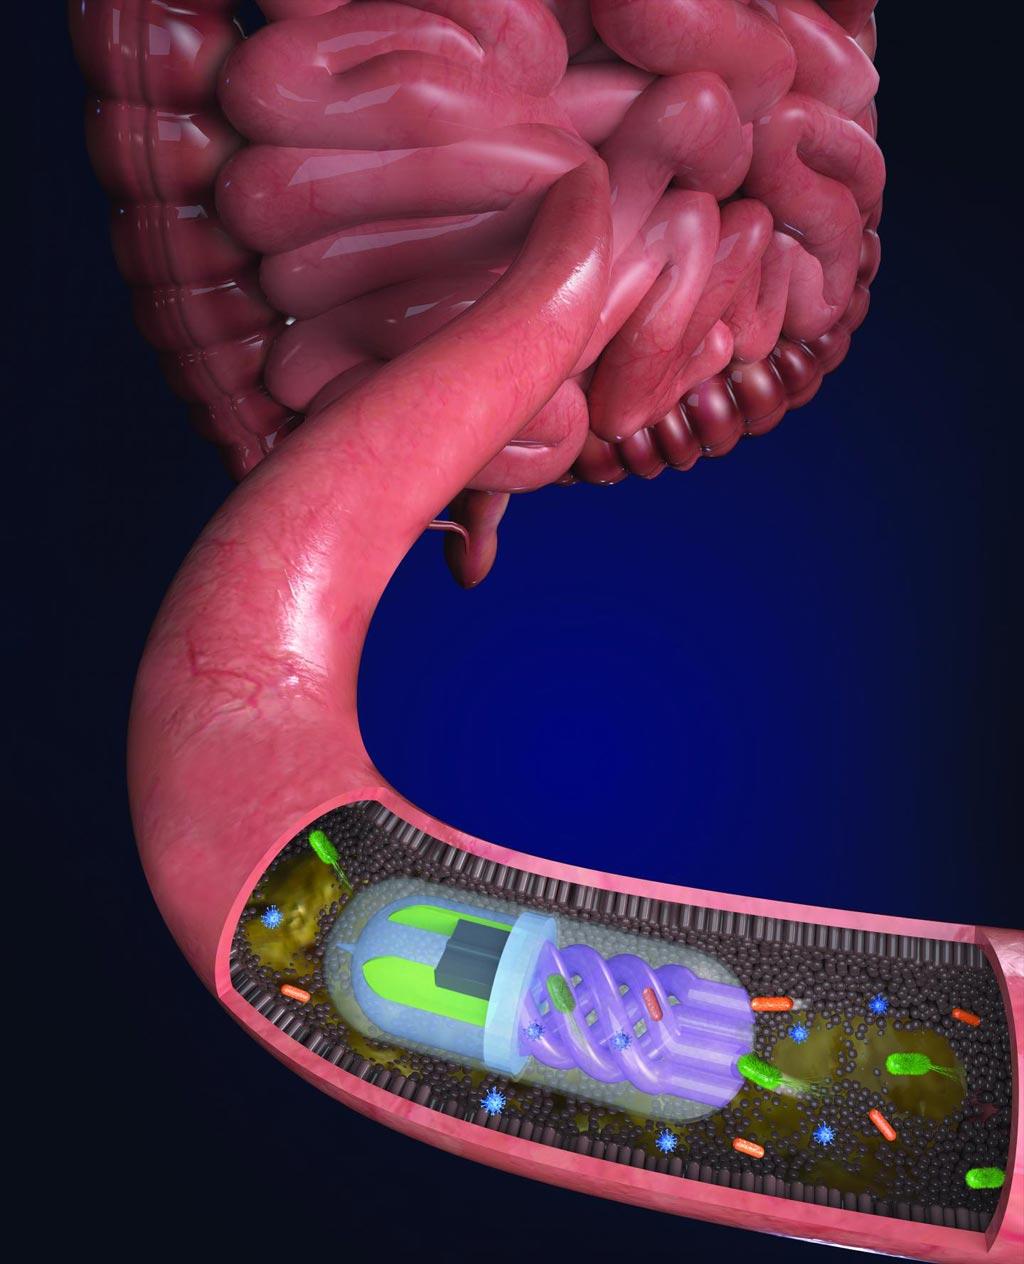 """Imagen: Las bacterias intestinales son atraídas hacia los canales helicoidales por una """"bomba"""" osmótica generada por una cámara llena de sal de calcio dentro de la píldora (Fotografía cortesía de Nano Lab, Universidad de Tufts)."""